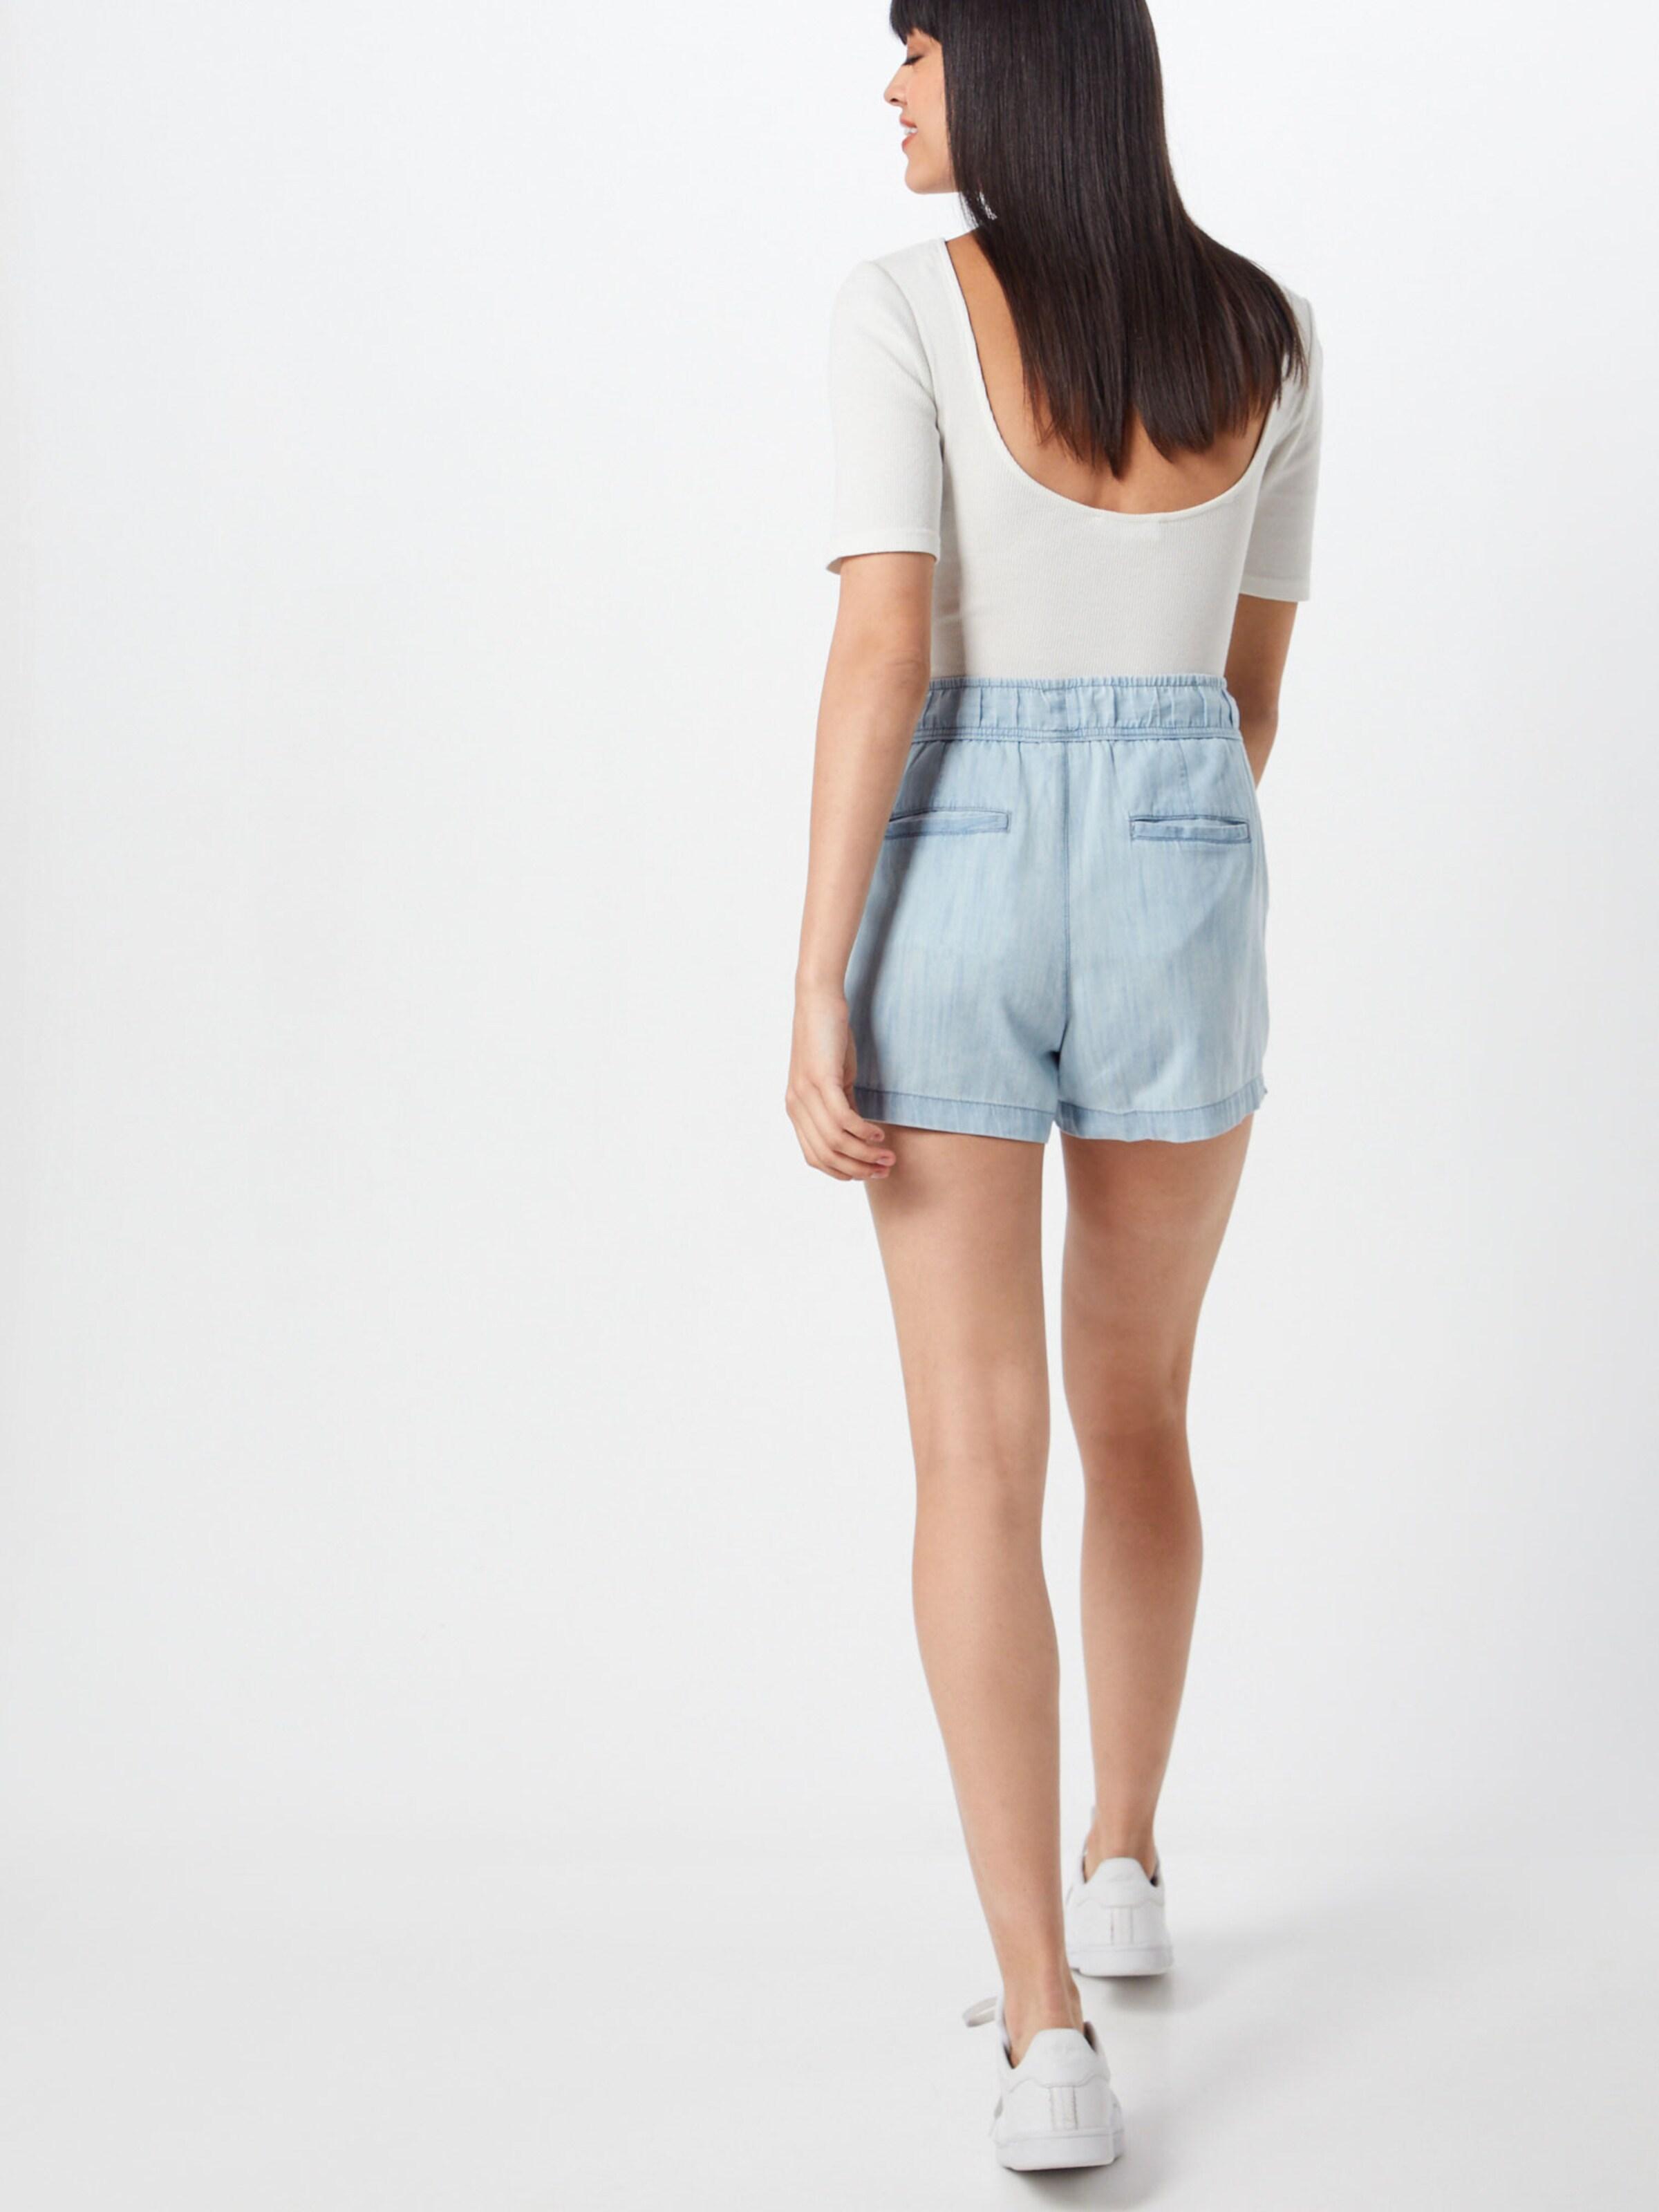 'chambray' Bleu Pantalon DenimClair En Gap 0NnZOX8kPw